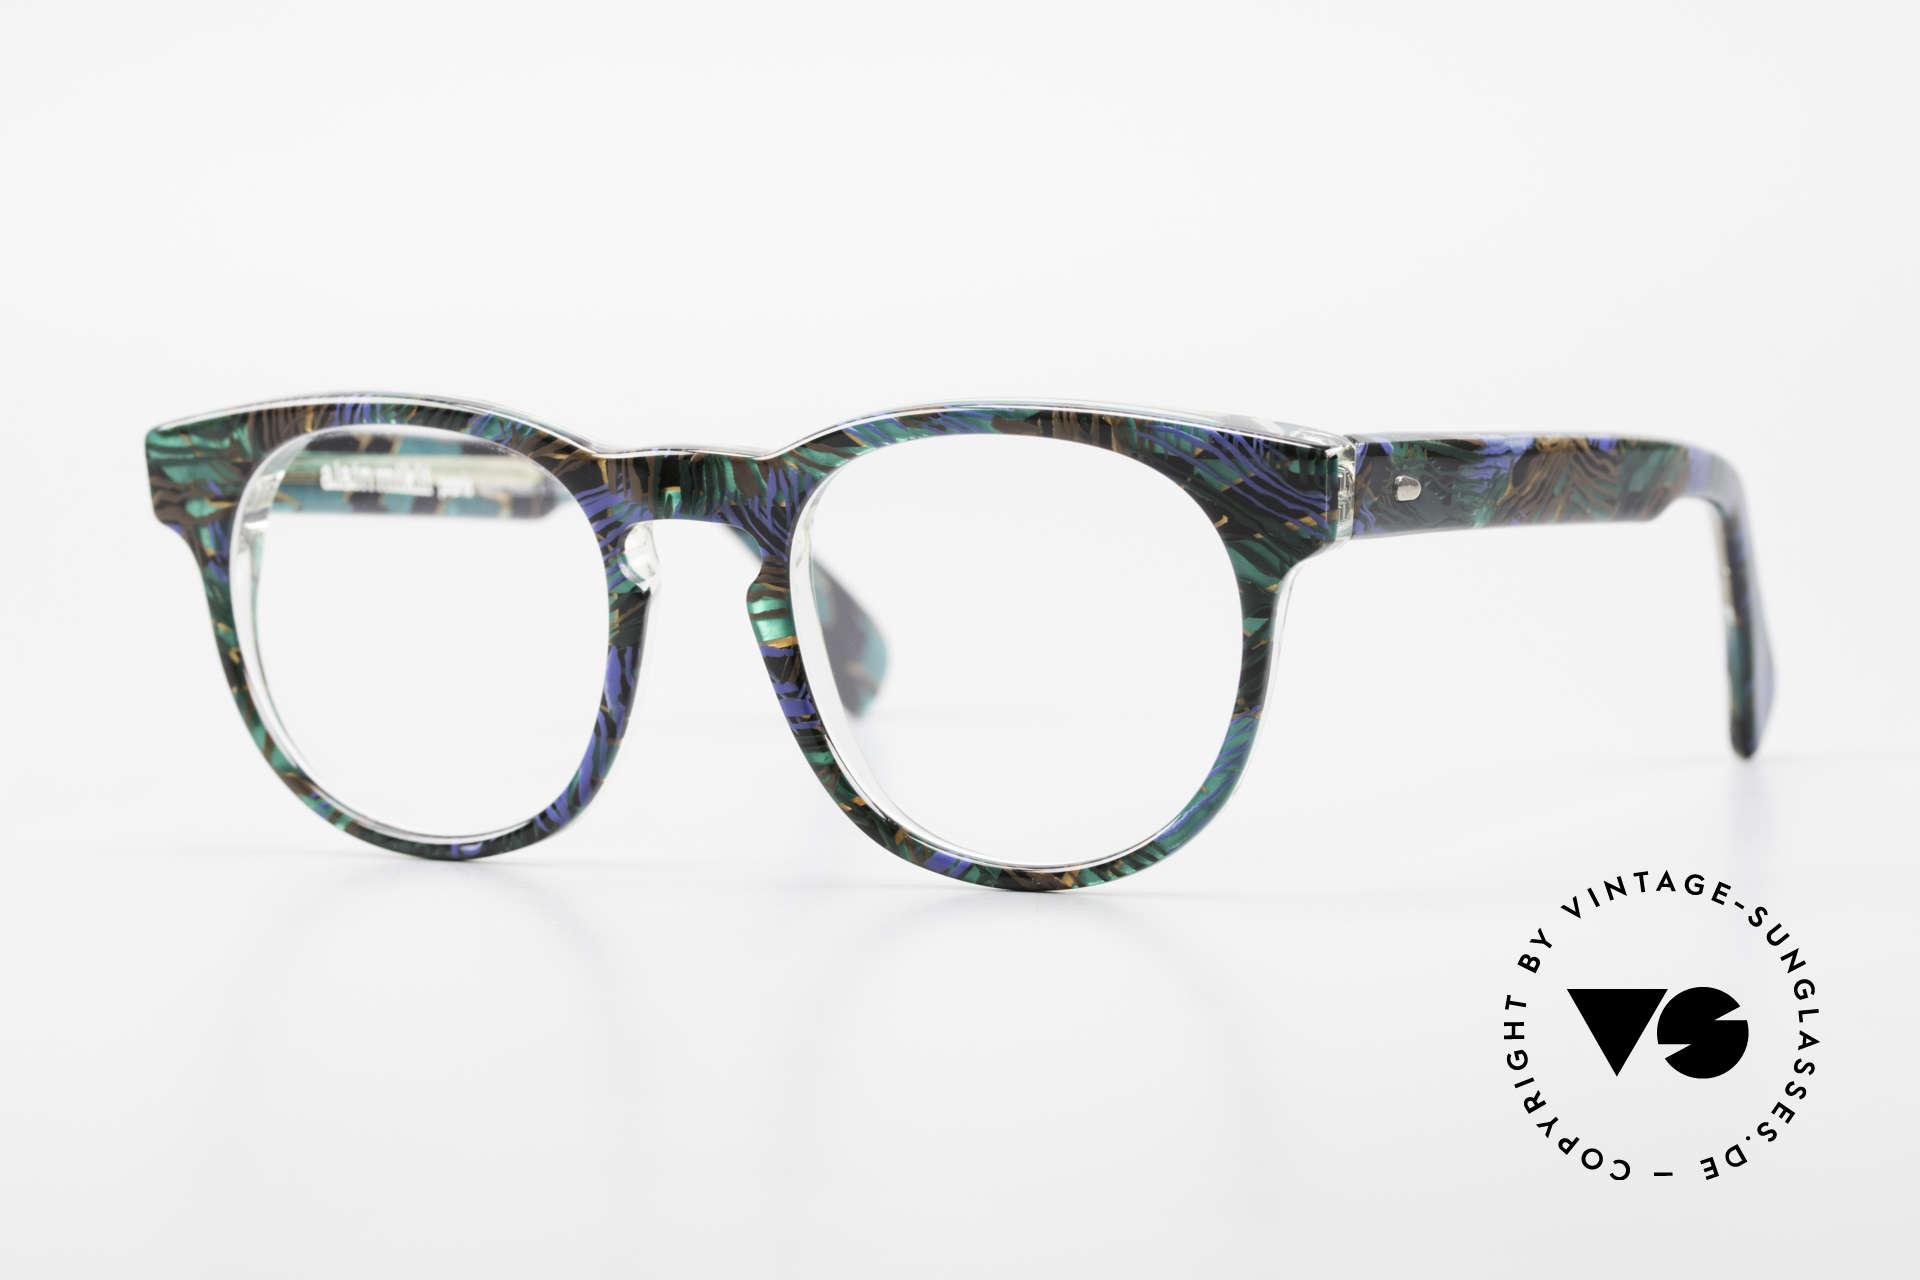 Alain Mikli 903 / 688 Panto Frame 80's Patterned, timeless vintage Alain Mikli designer eyeglasses, Made for Men and Women